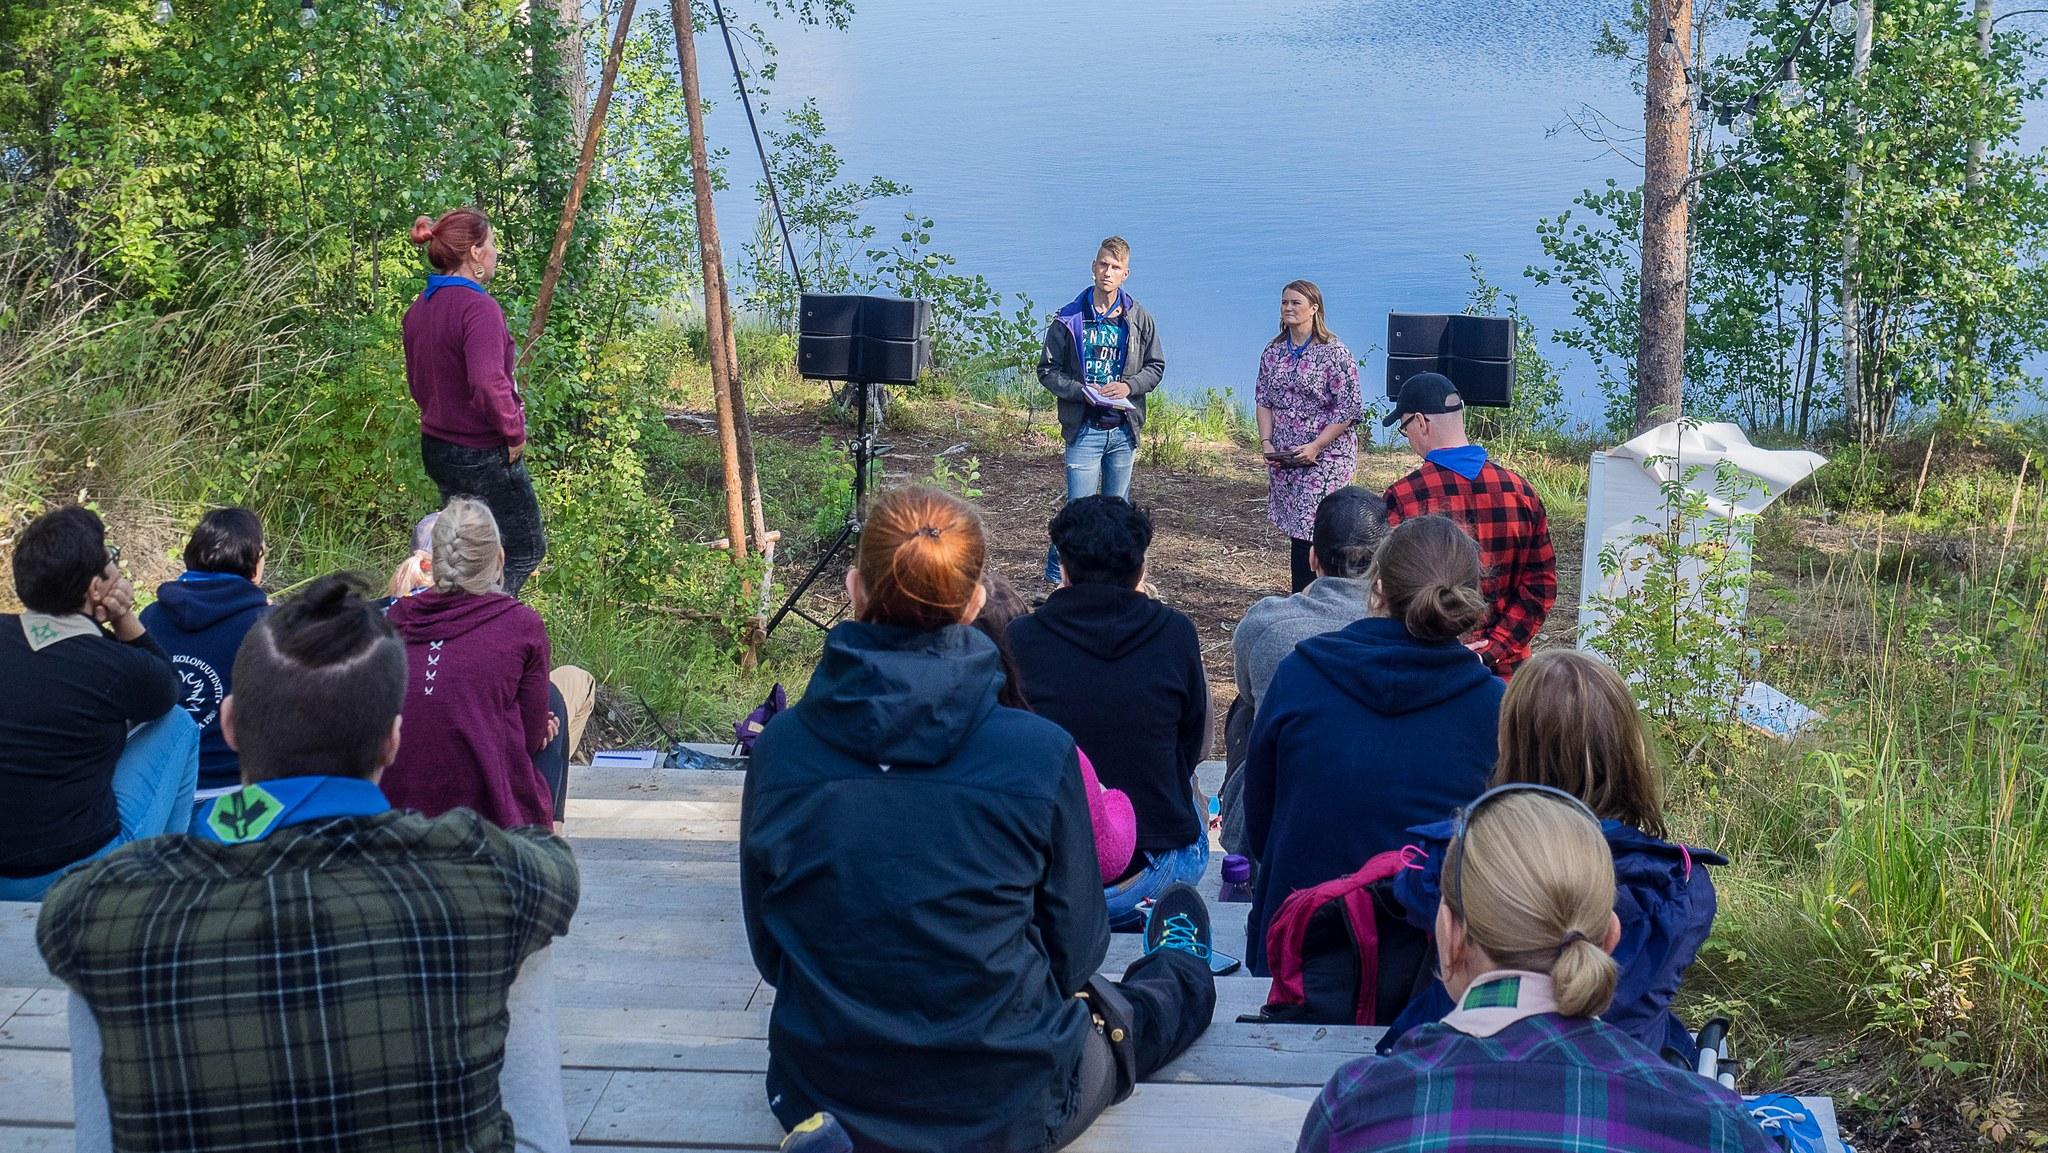 Ihmisiä istumassa metsämaisemassa kuuntelemassa työpajojen pitäjiä.